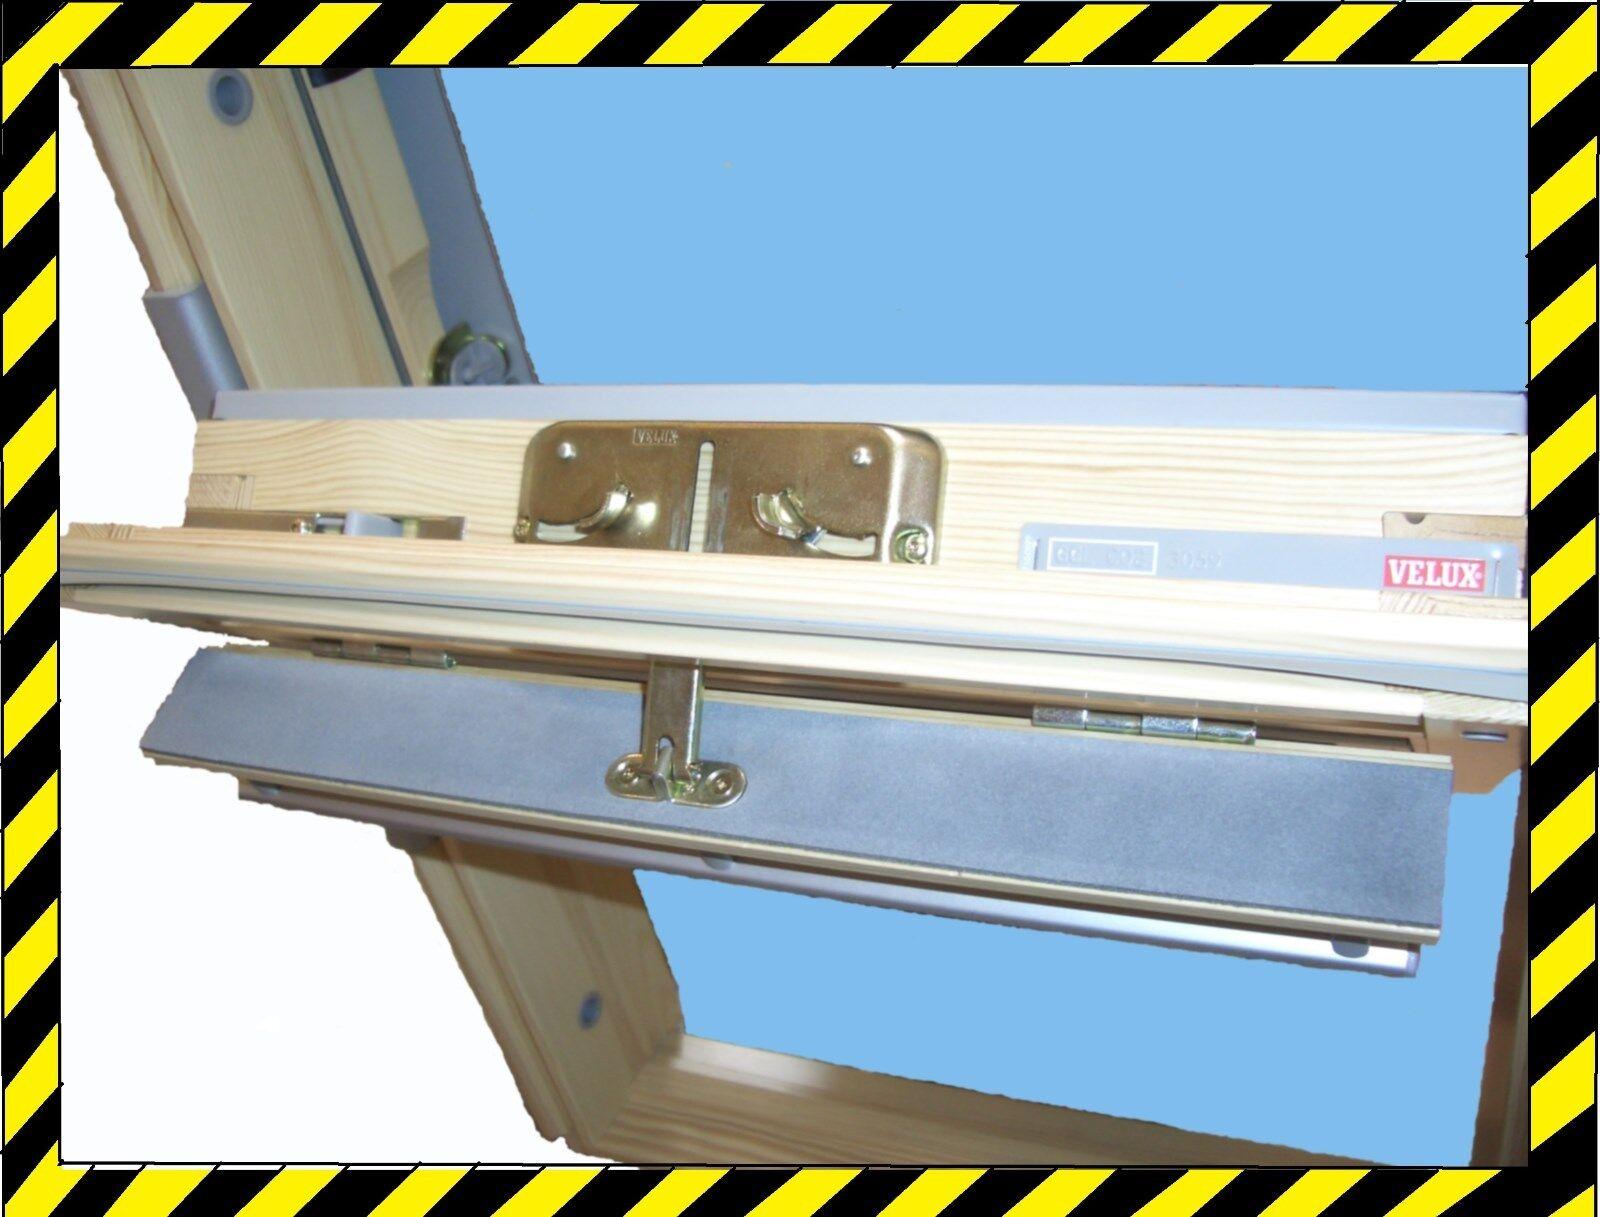 dichtung schaumdichtung fÜr velux dachfenster